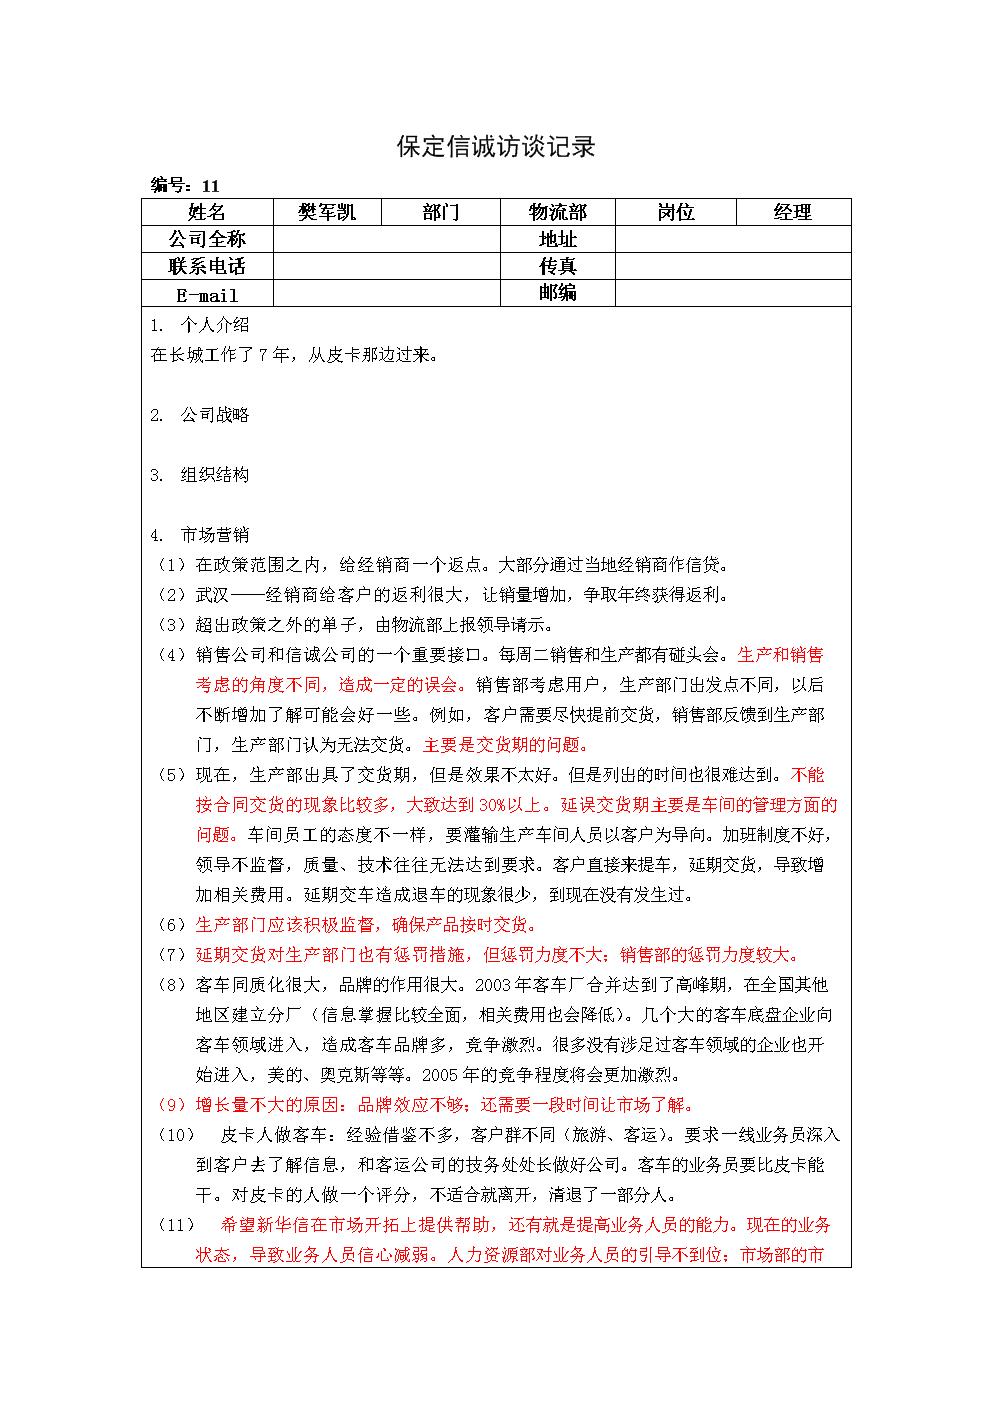 保定信诚访谈记录-物流部经理20050110.doc